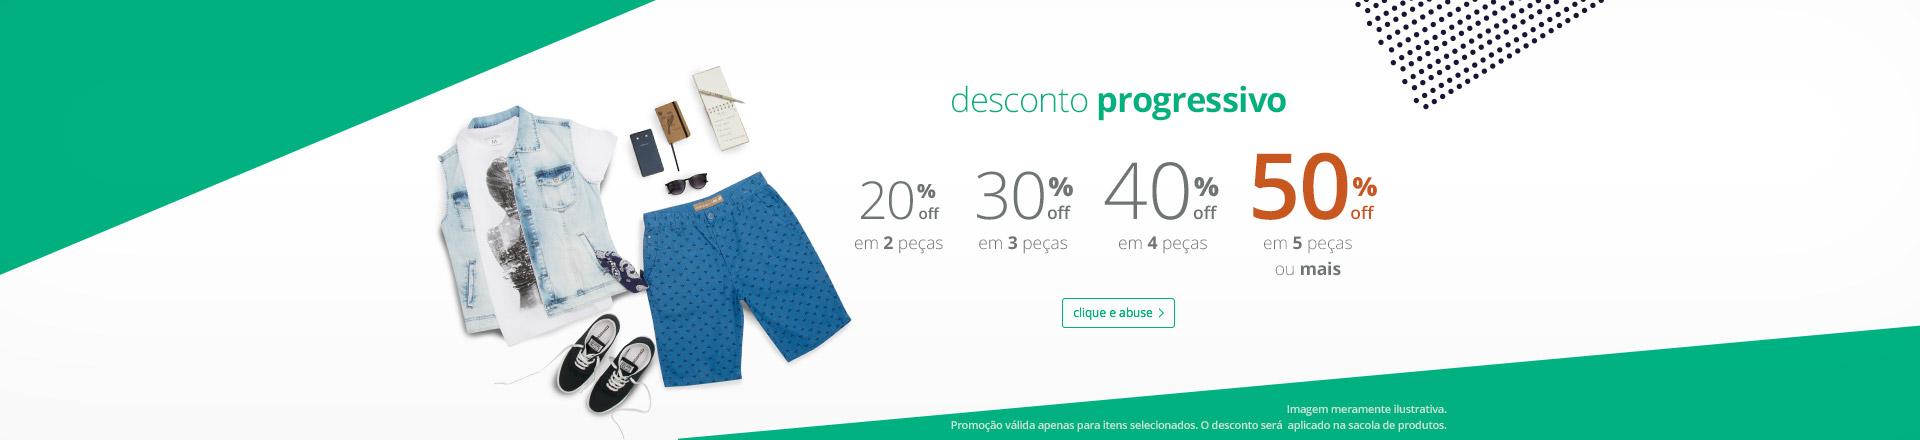 DEST27 M DESCONTO PROGRESSIVO